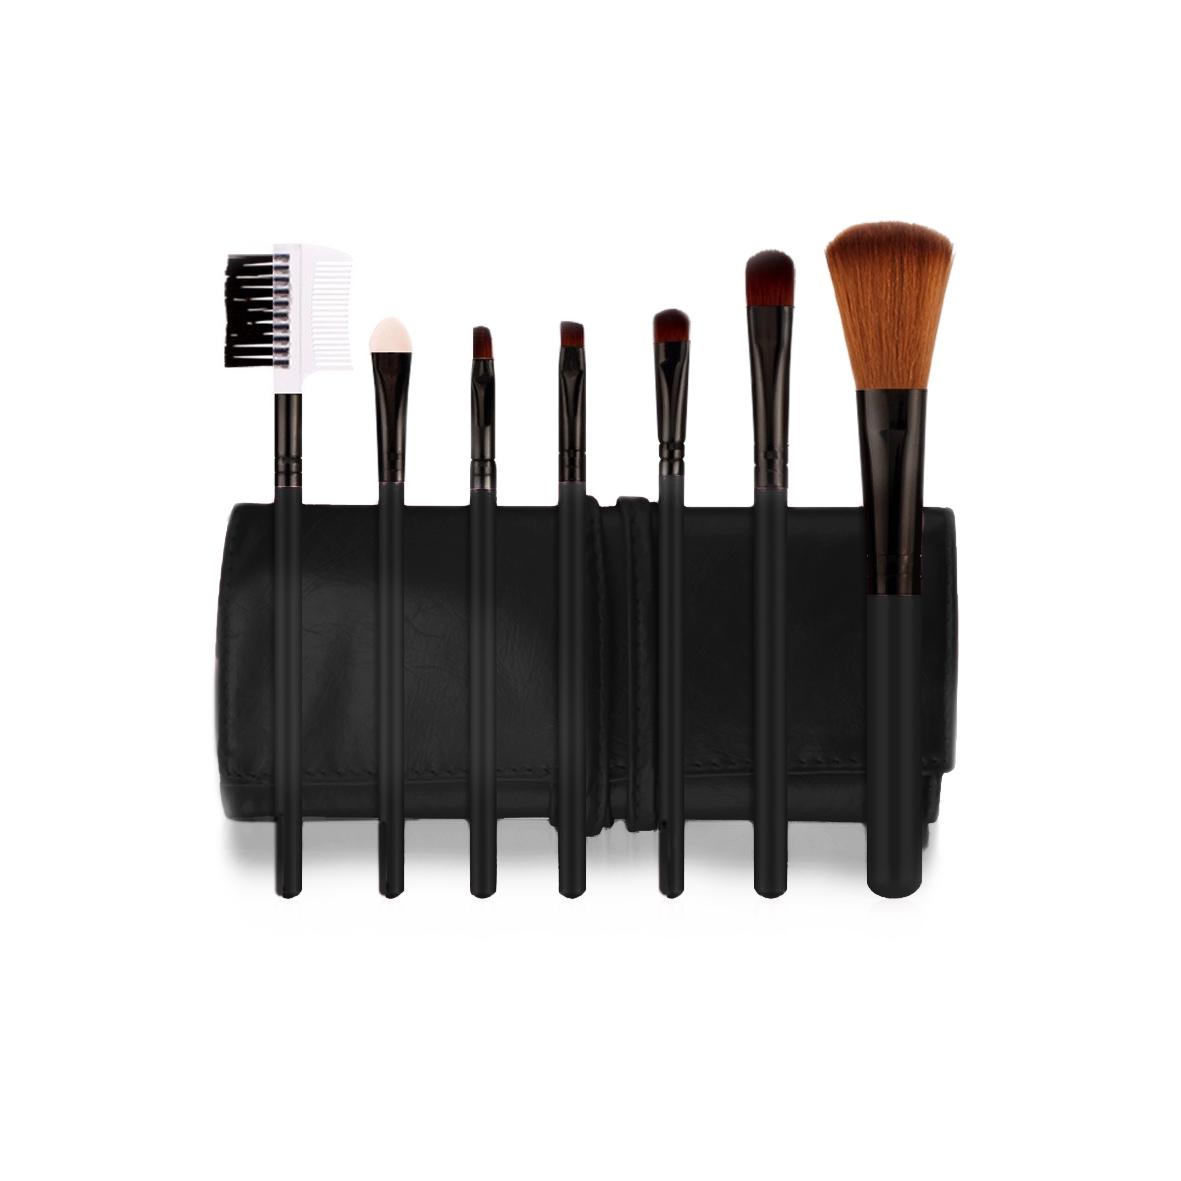 POSH Набор кистей для профессионального макияжа (волокно кинеколон), черный кожаный чехол 7шт